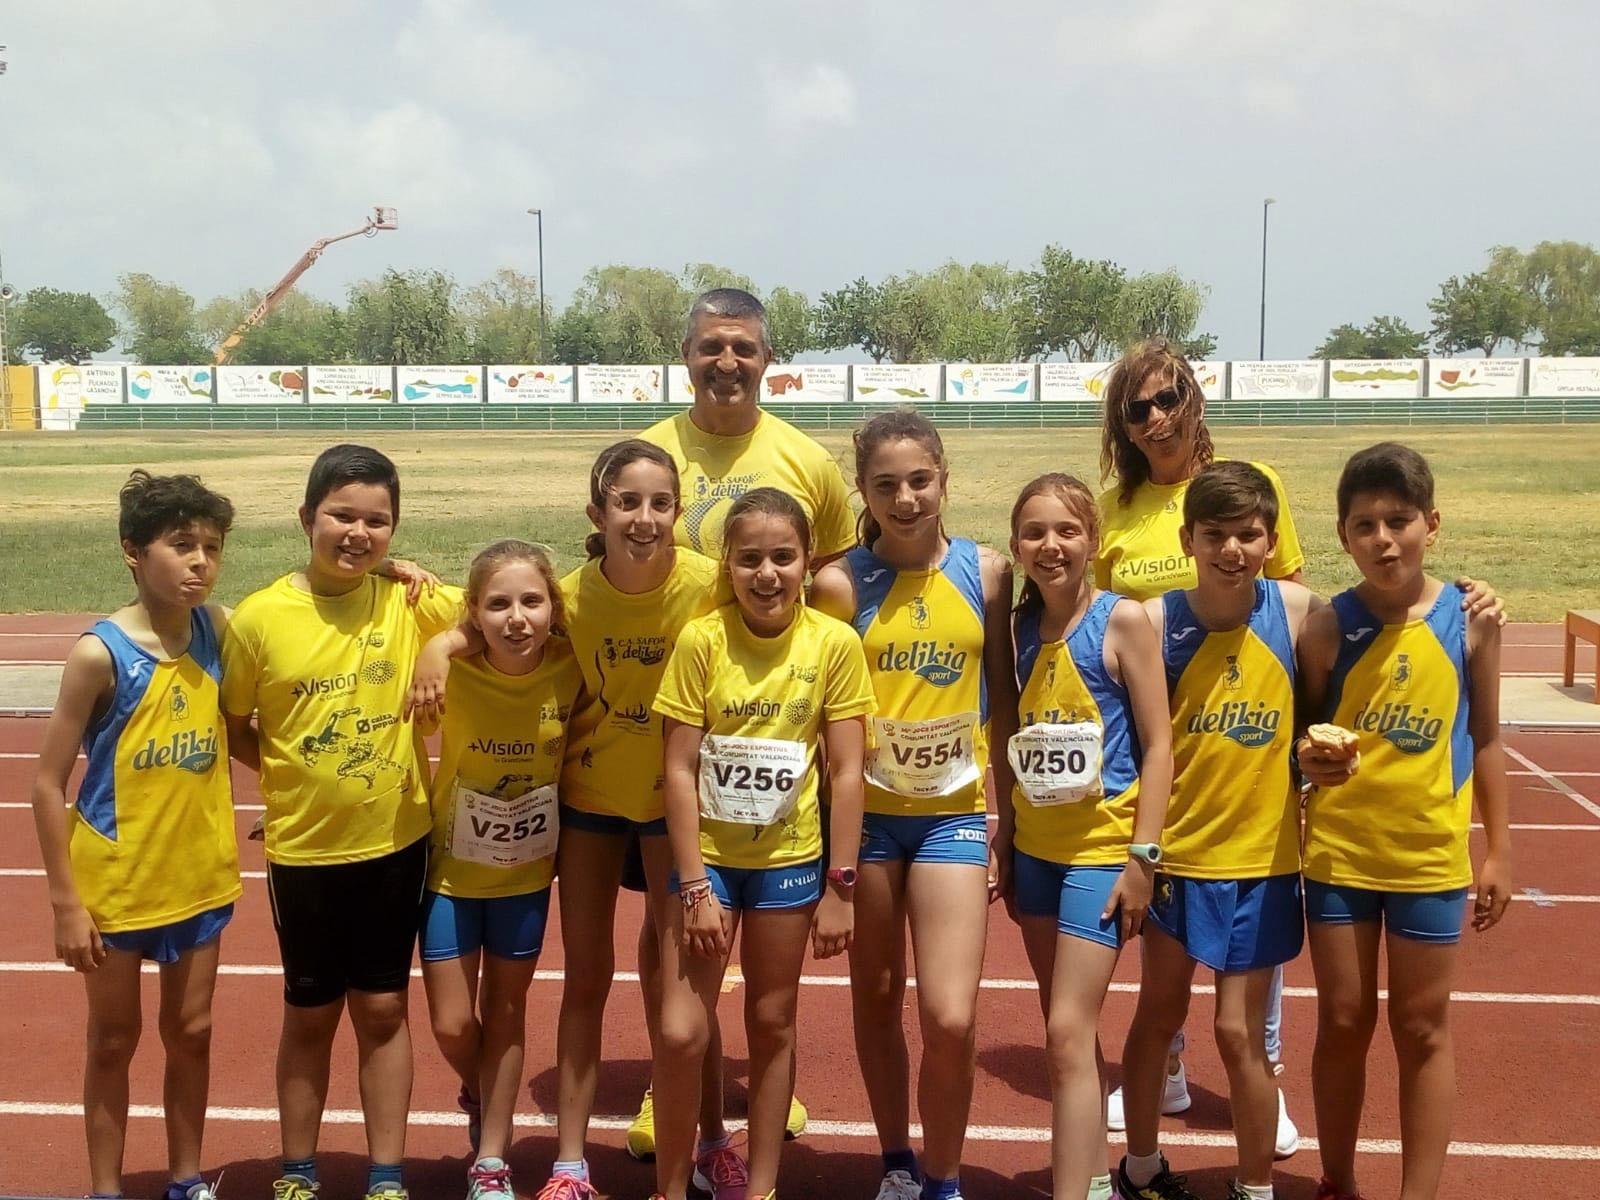 Grup d'alevins participants a Sueca, amb els seus entrenadors Toni Andrés i Montse Climent.